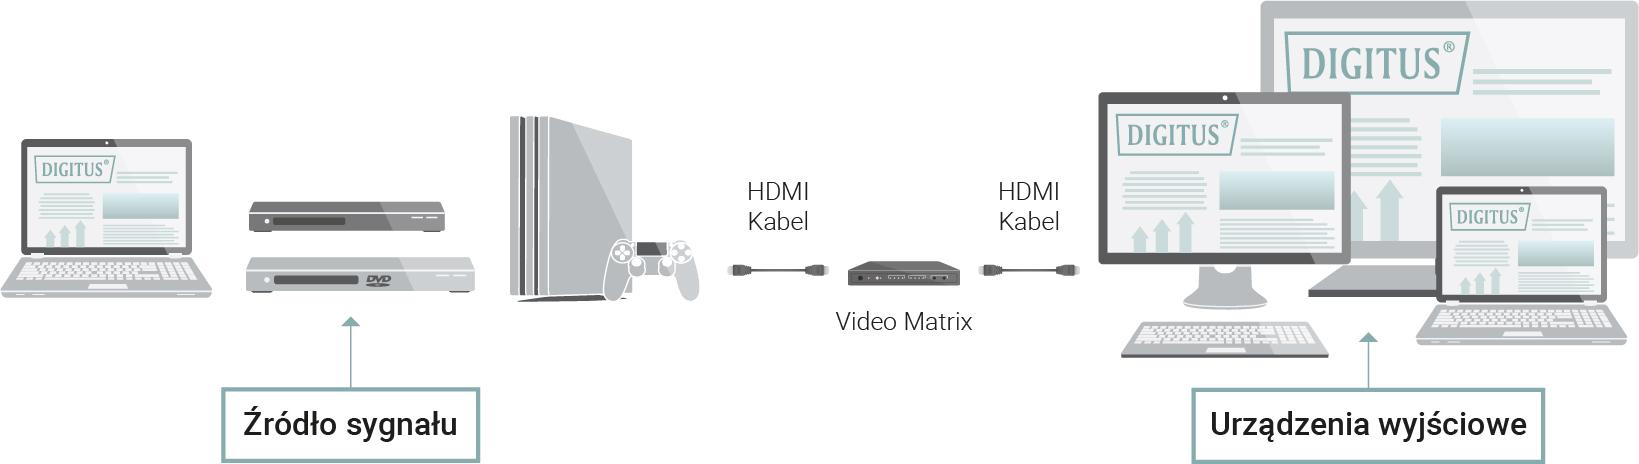 Grafika informacyjna – matryca wideo